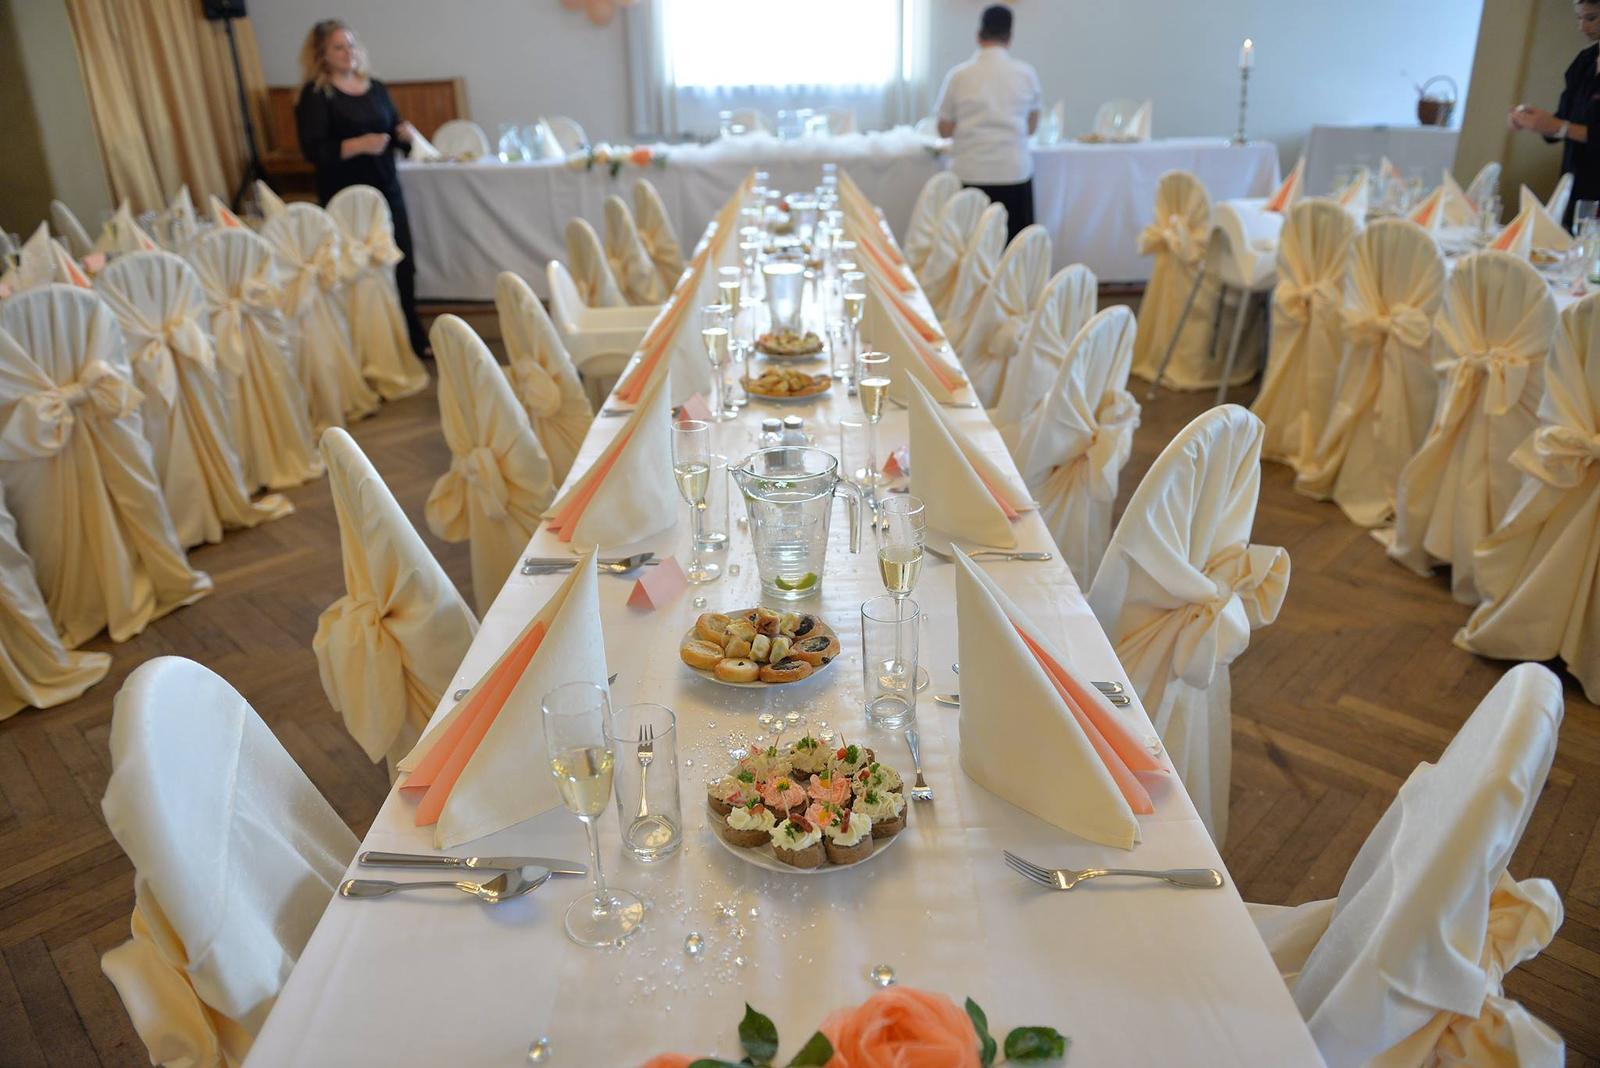 Svatby 2017 - slavnostní tabule